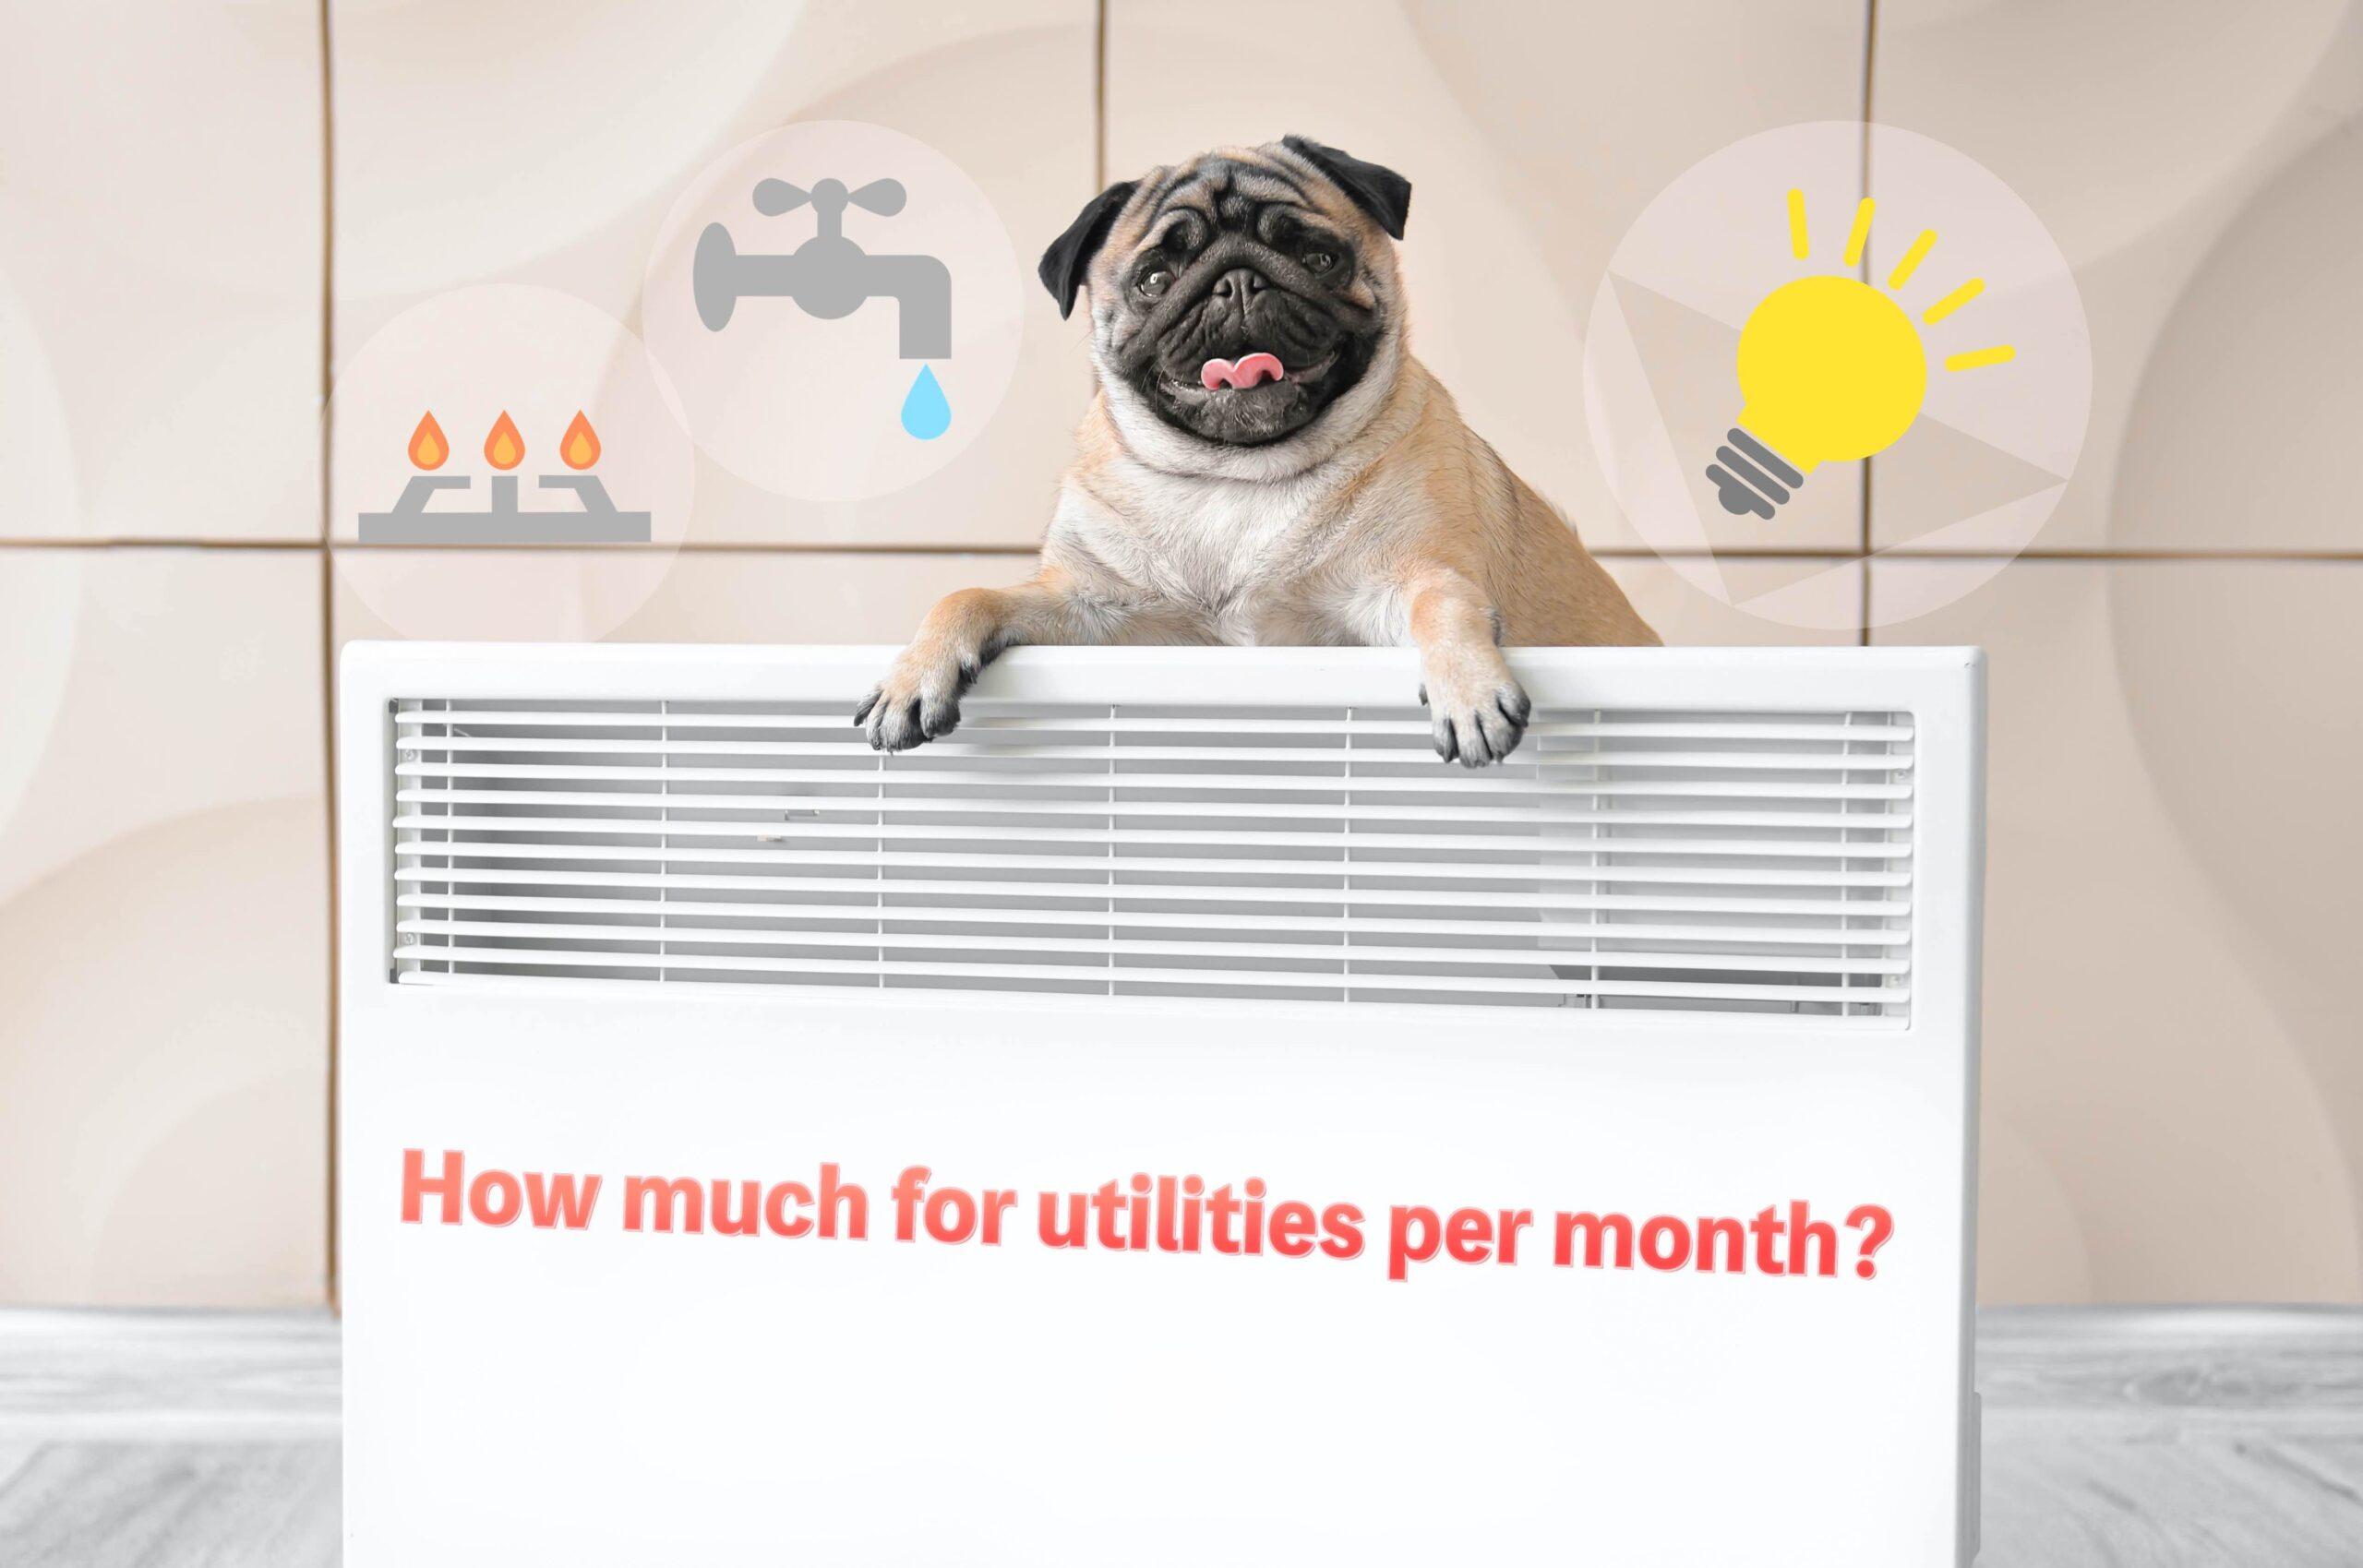 ジャパンボックス | How much for utilities per month?